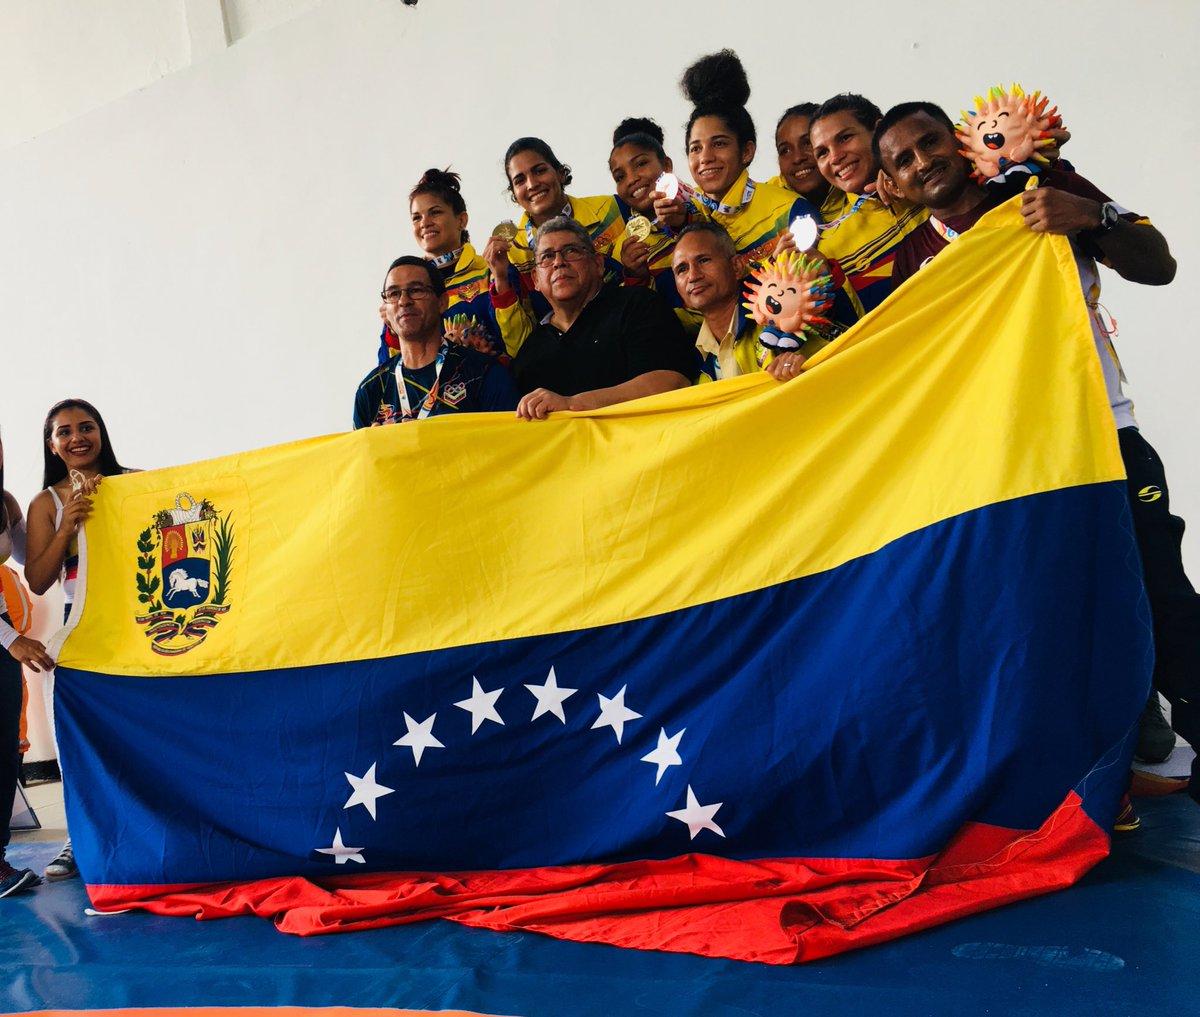 Venezuela conquista 17 medallas en el arranque de los Juegos Bolivarianos 2017